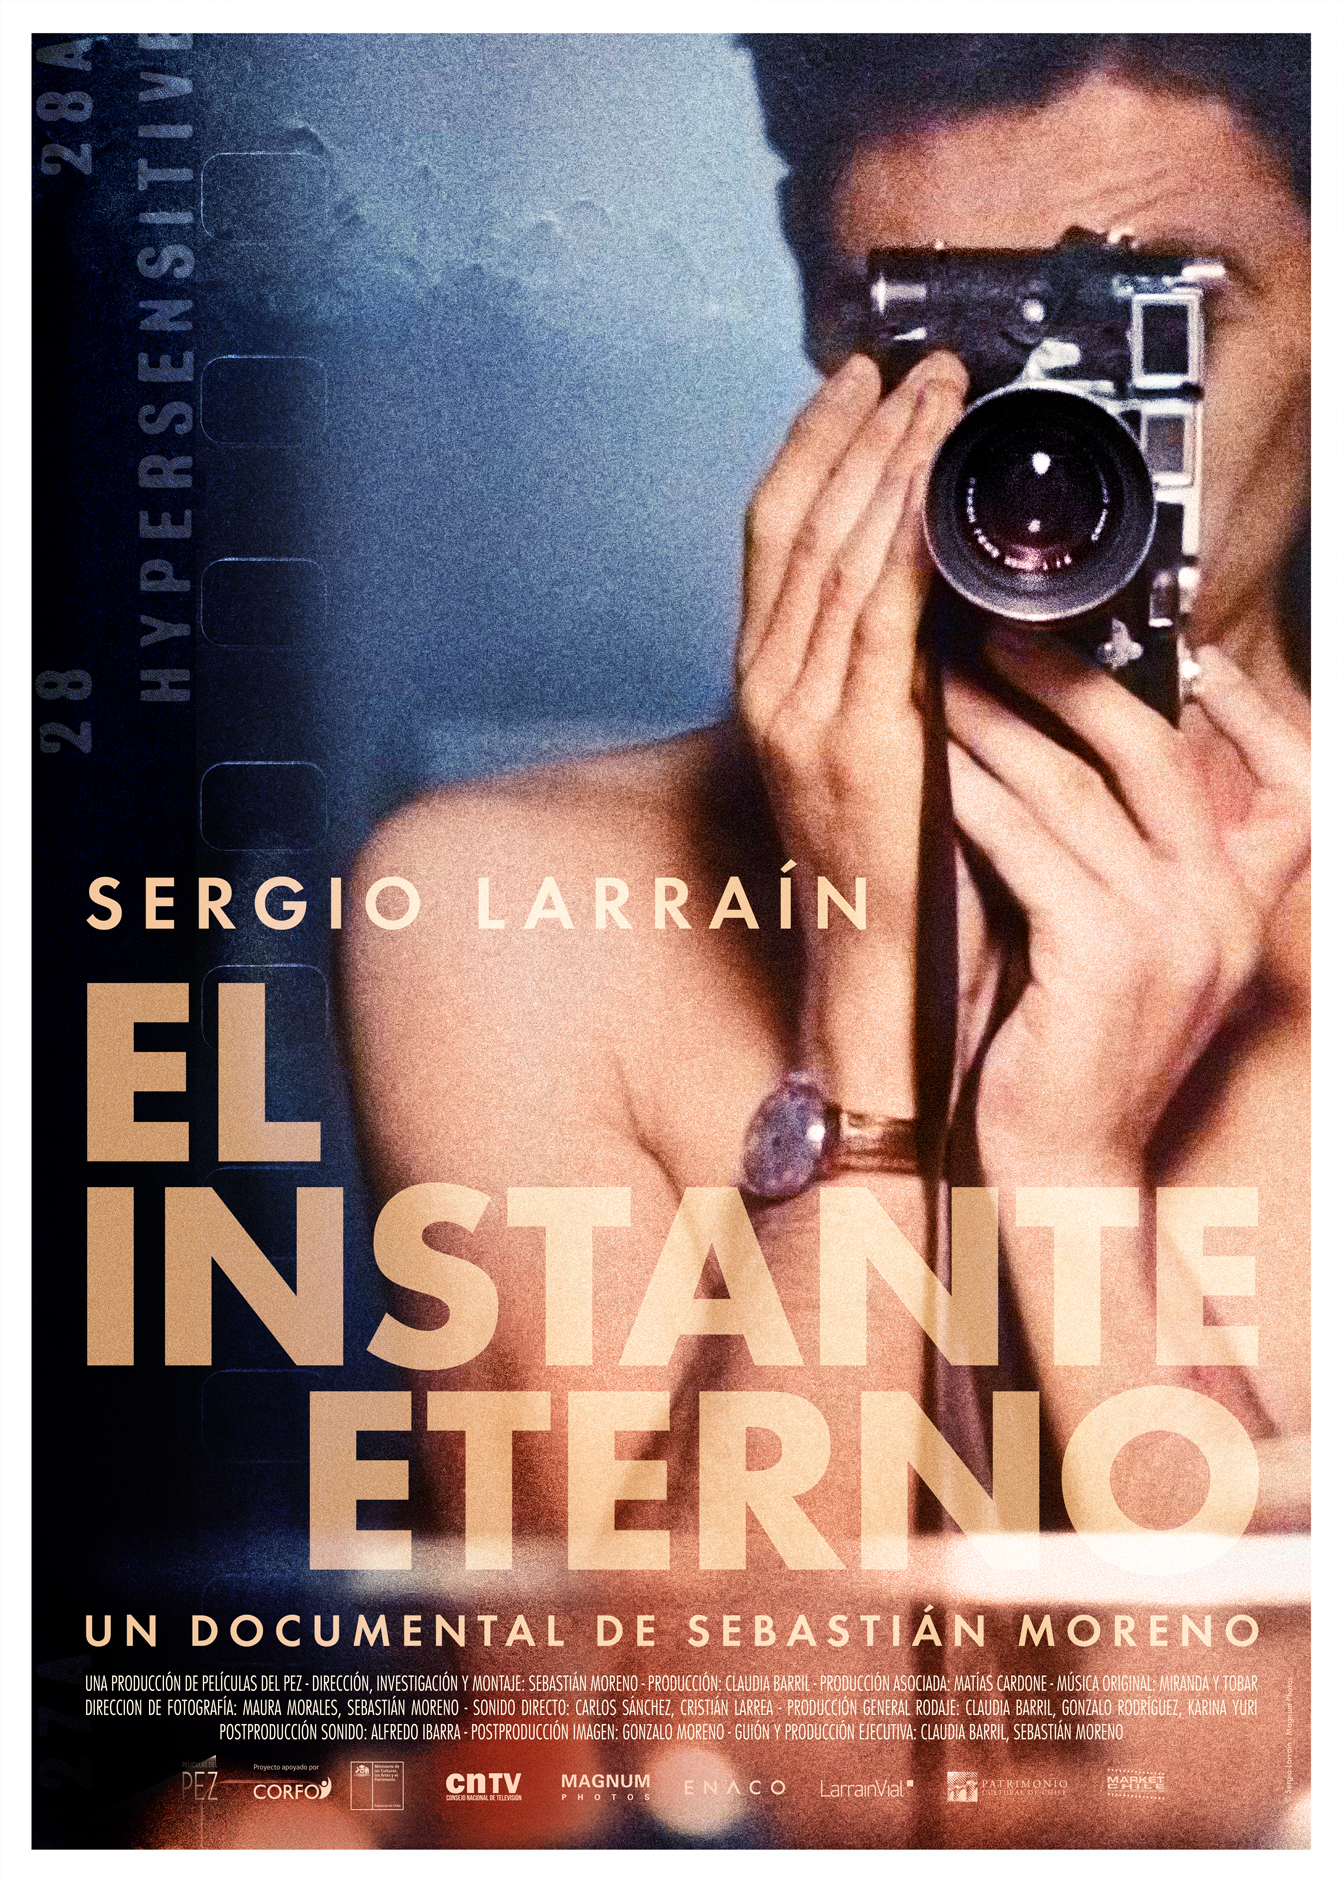 Afiche Sergio Larrain